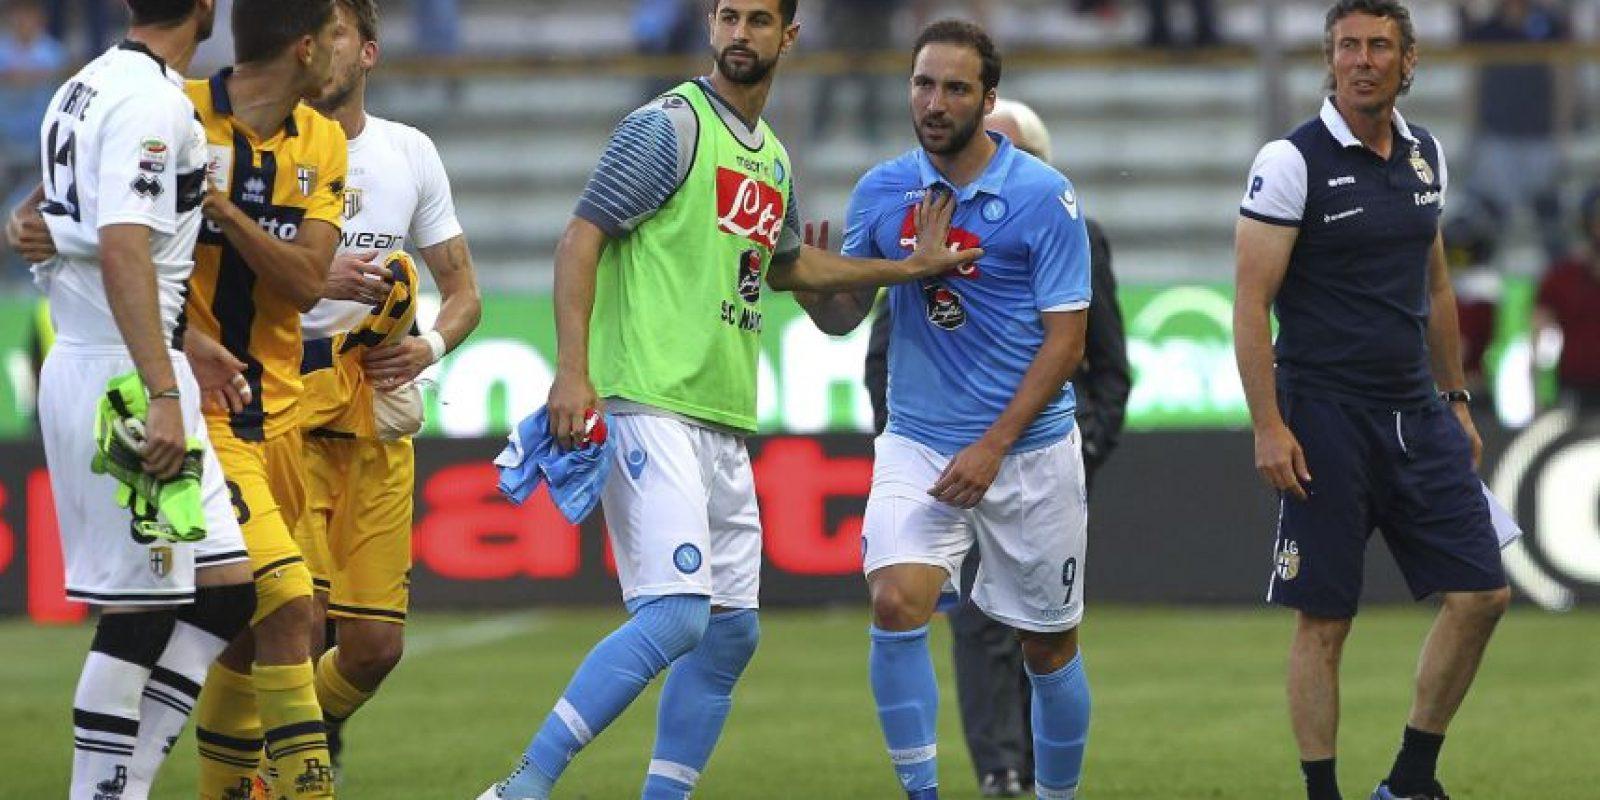 El pasado 10 de mayo, Napoli se enfrentó al Parma y la nota la dieron Gonzalo Higuaín y el portero Antonio Mirante. Foto:Getty Images